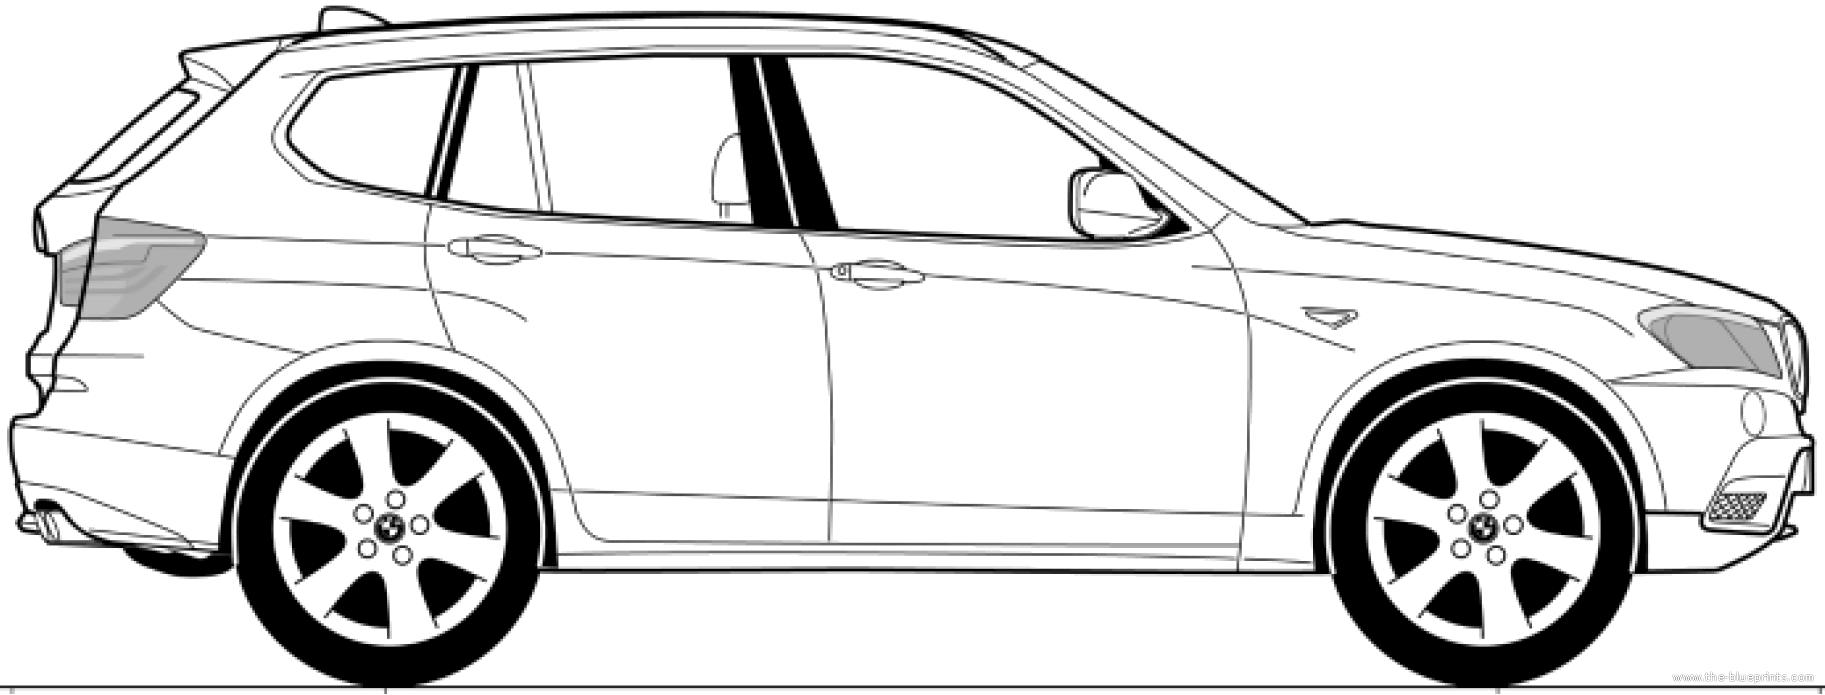 The Blueprints Com Blueprints Gt Cars Gt Bmw Gt Bmw X3 E83